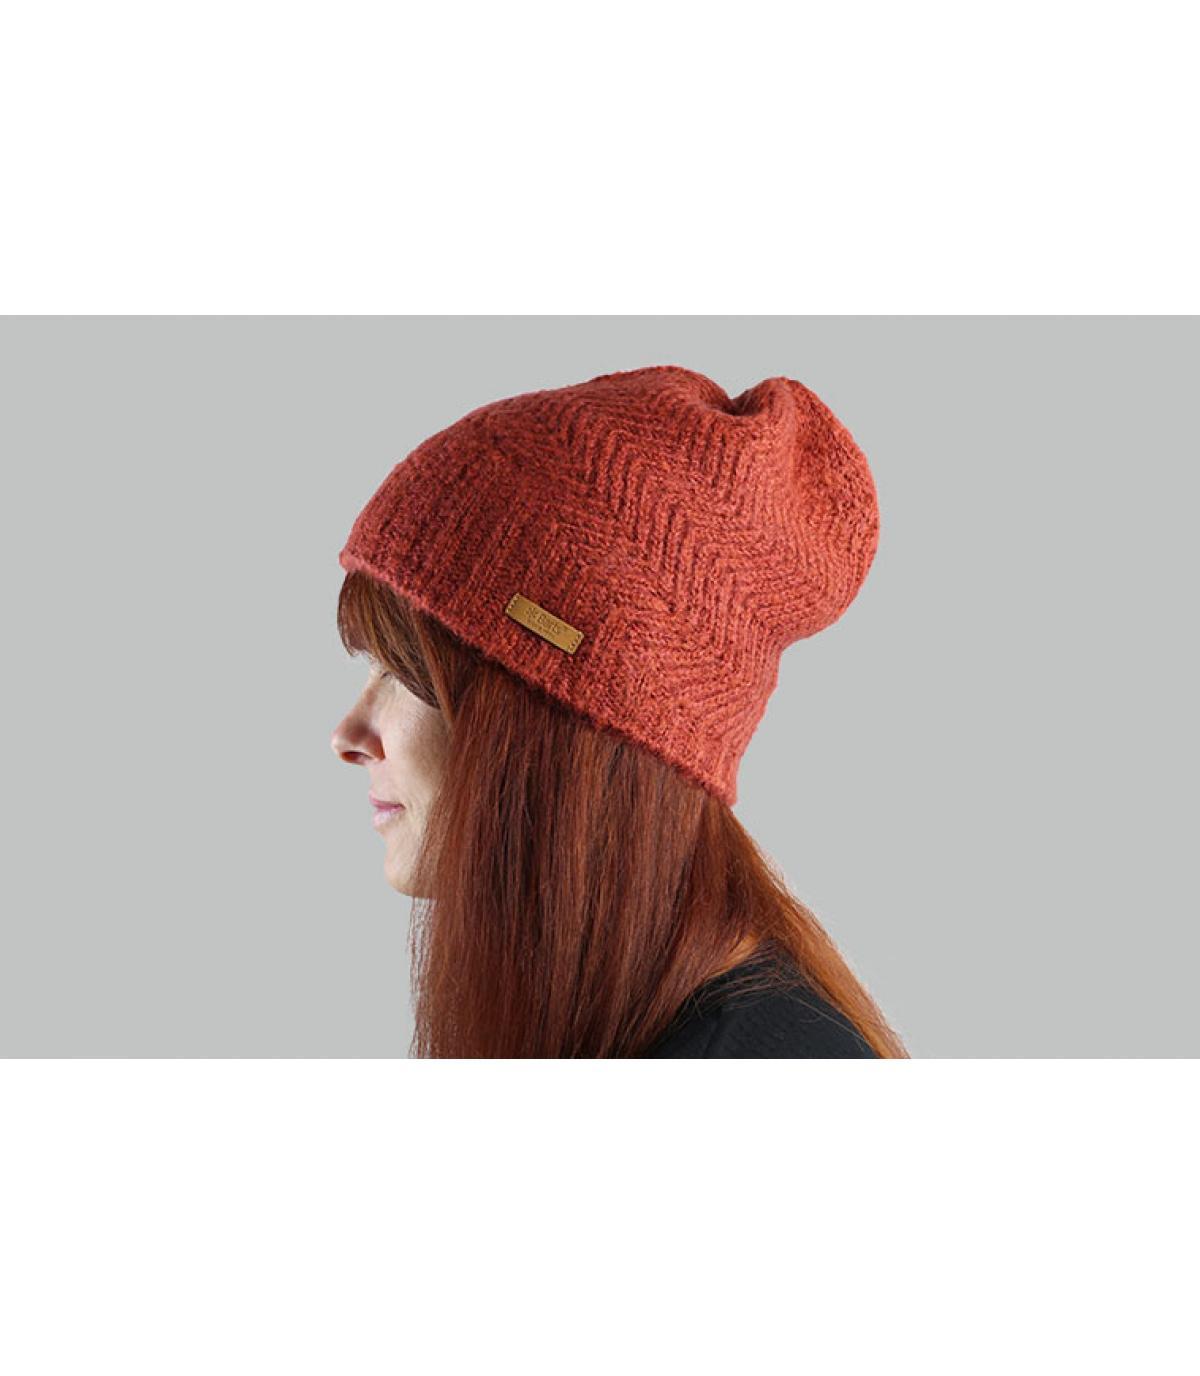 bonnet long orange Barts